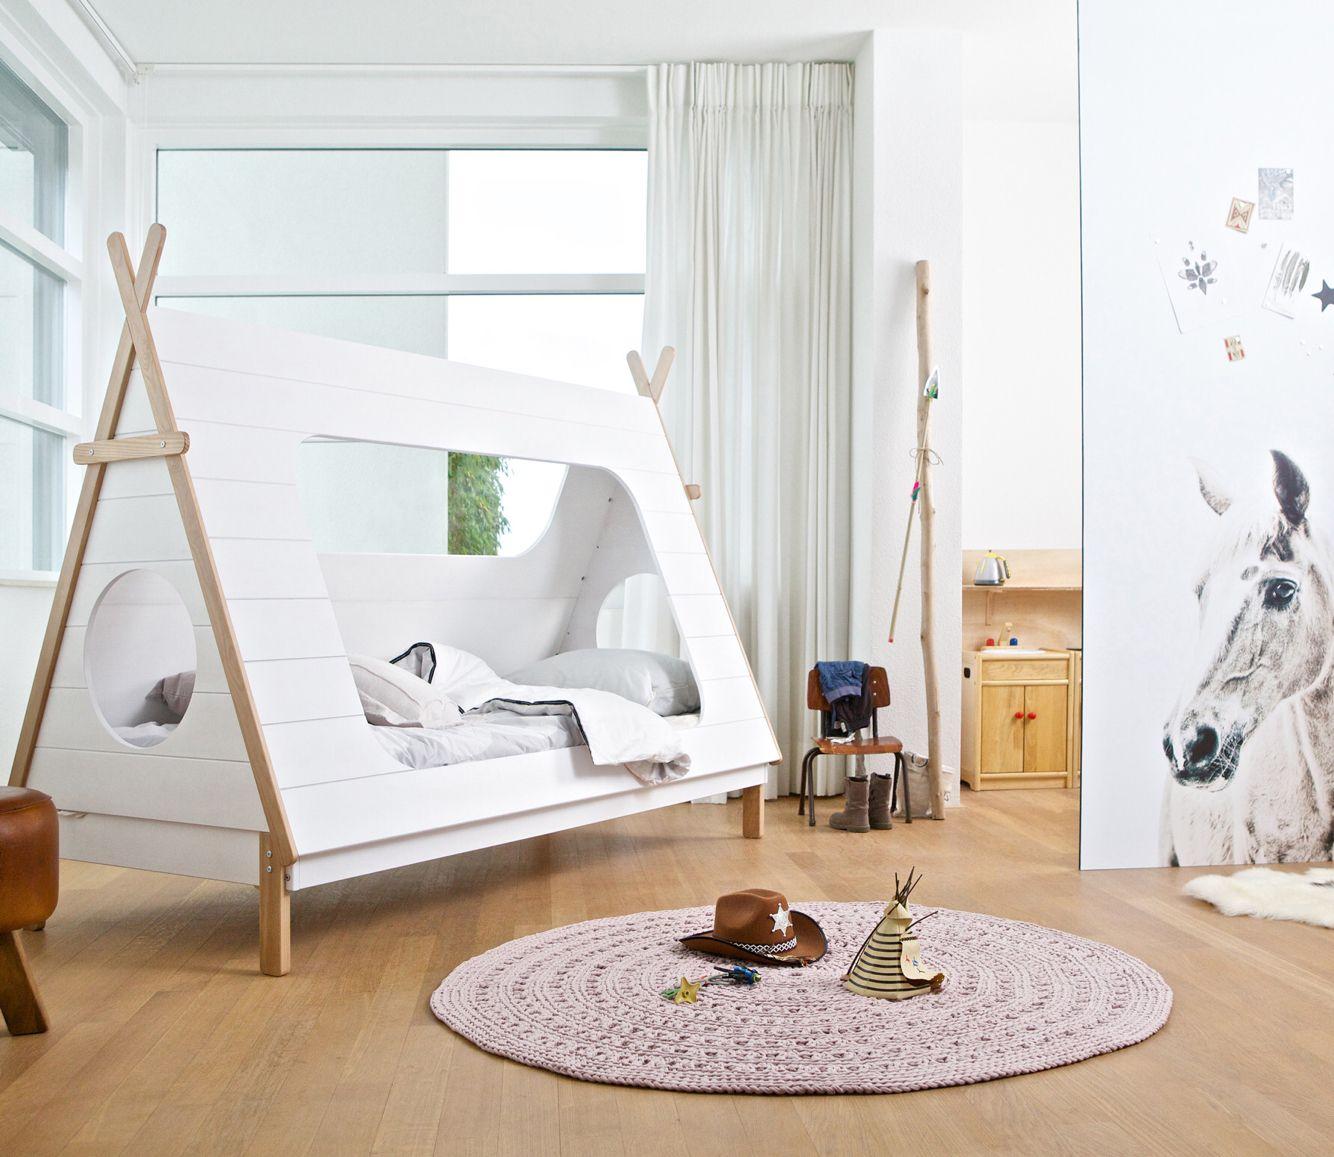 Tipi Bed Kid Beds Unique Kids Beds Safari Bedroom